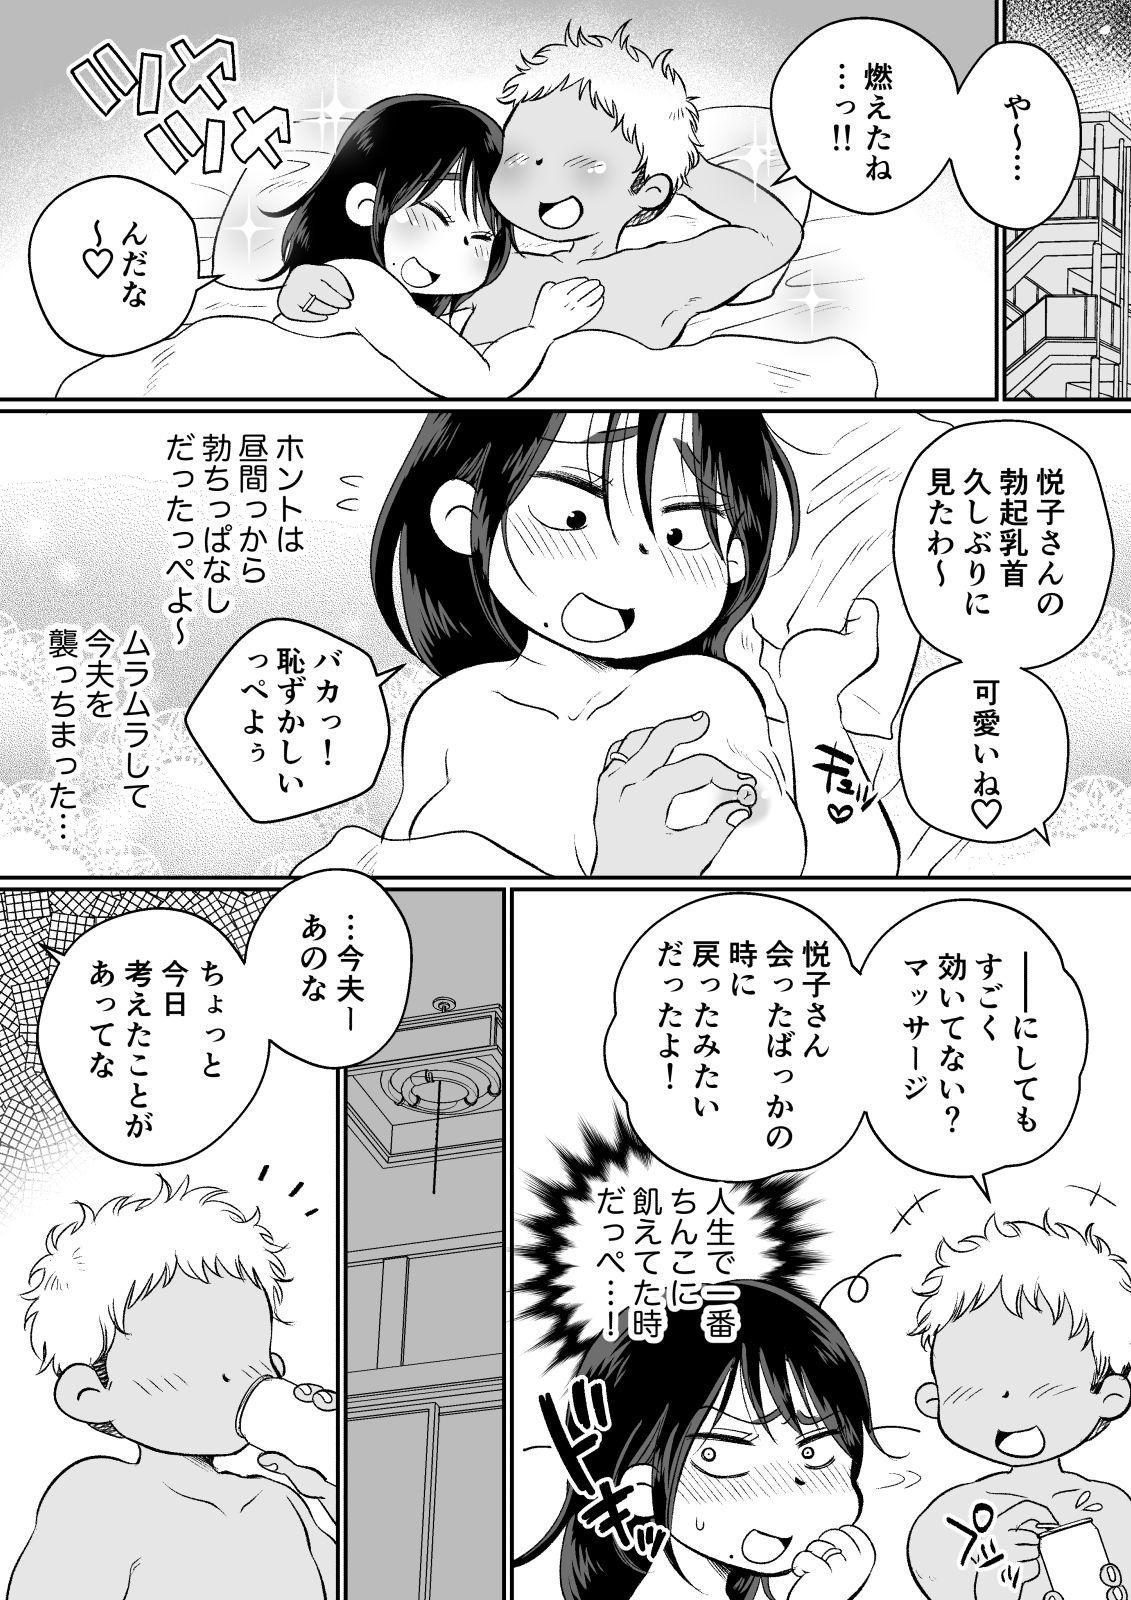 Batsuichi Hitozuma, Moto Danna no Ero Massage ni Ochiru! 37